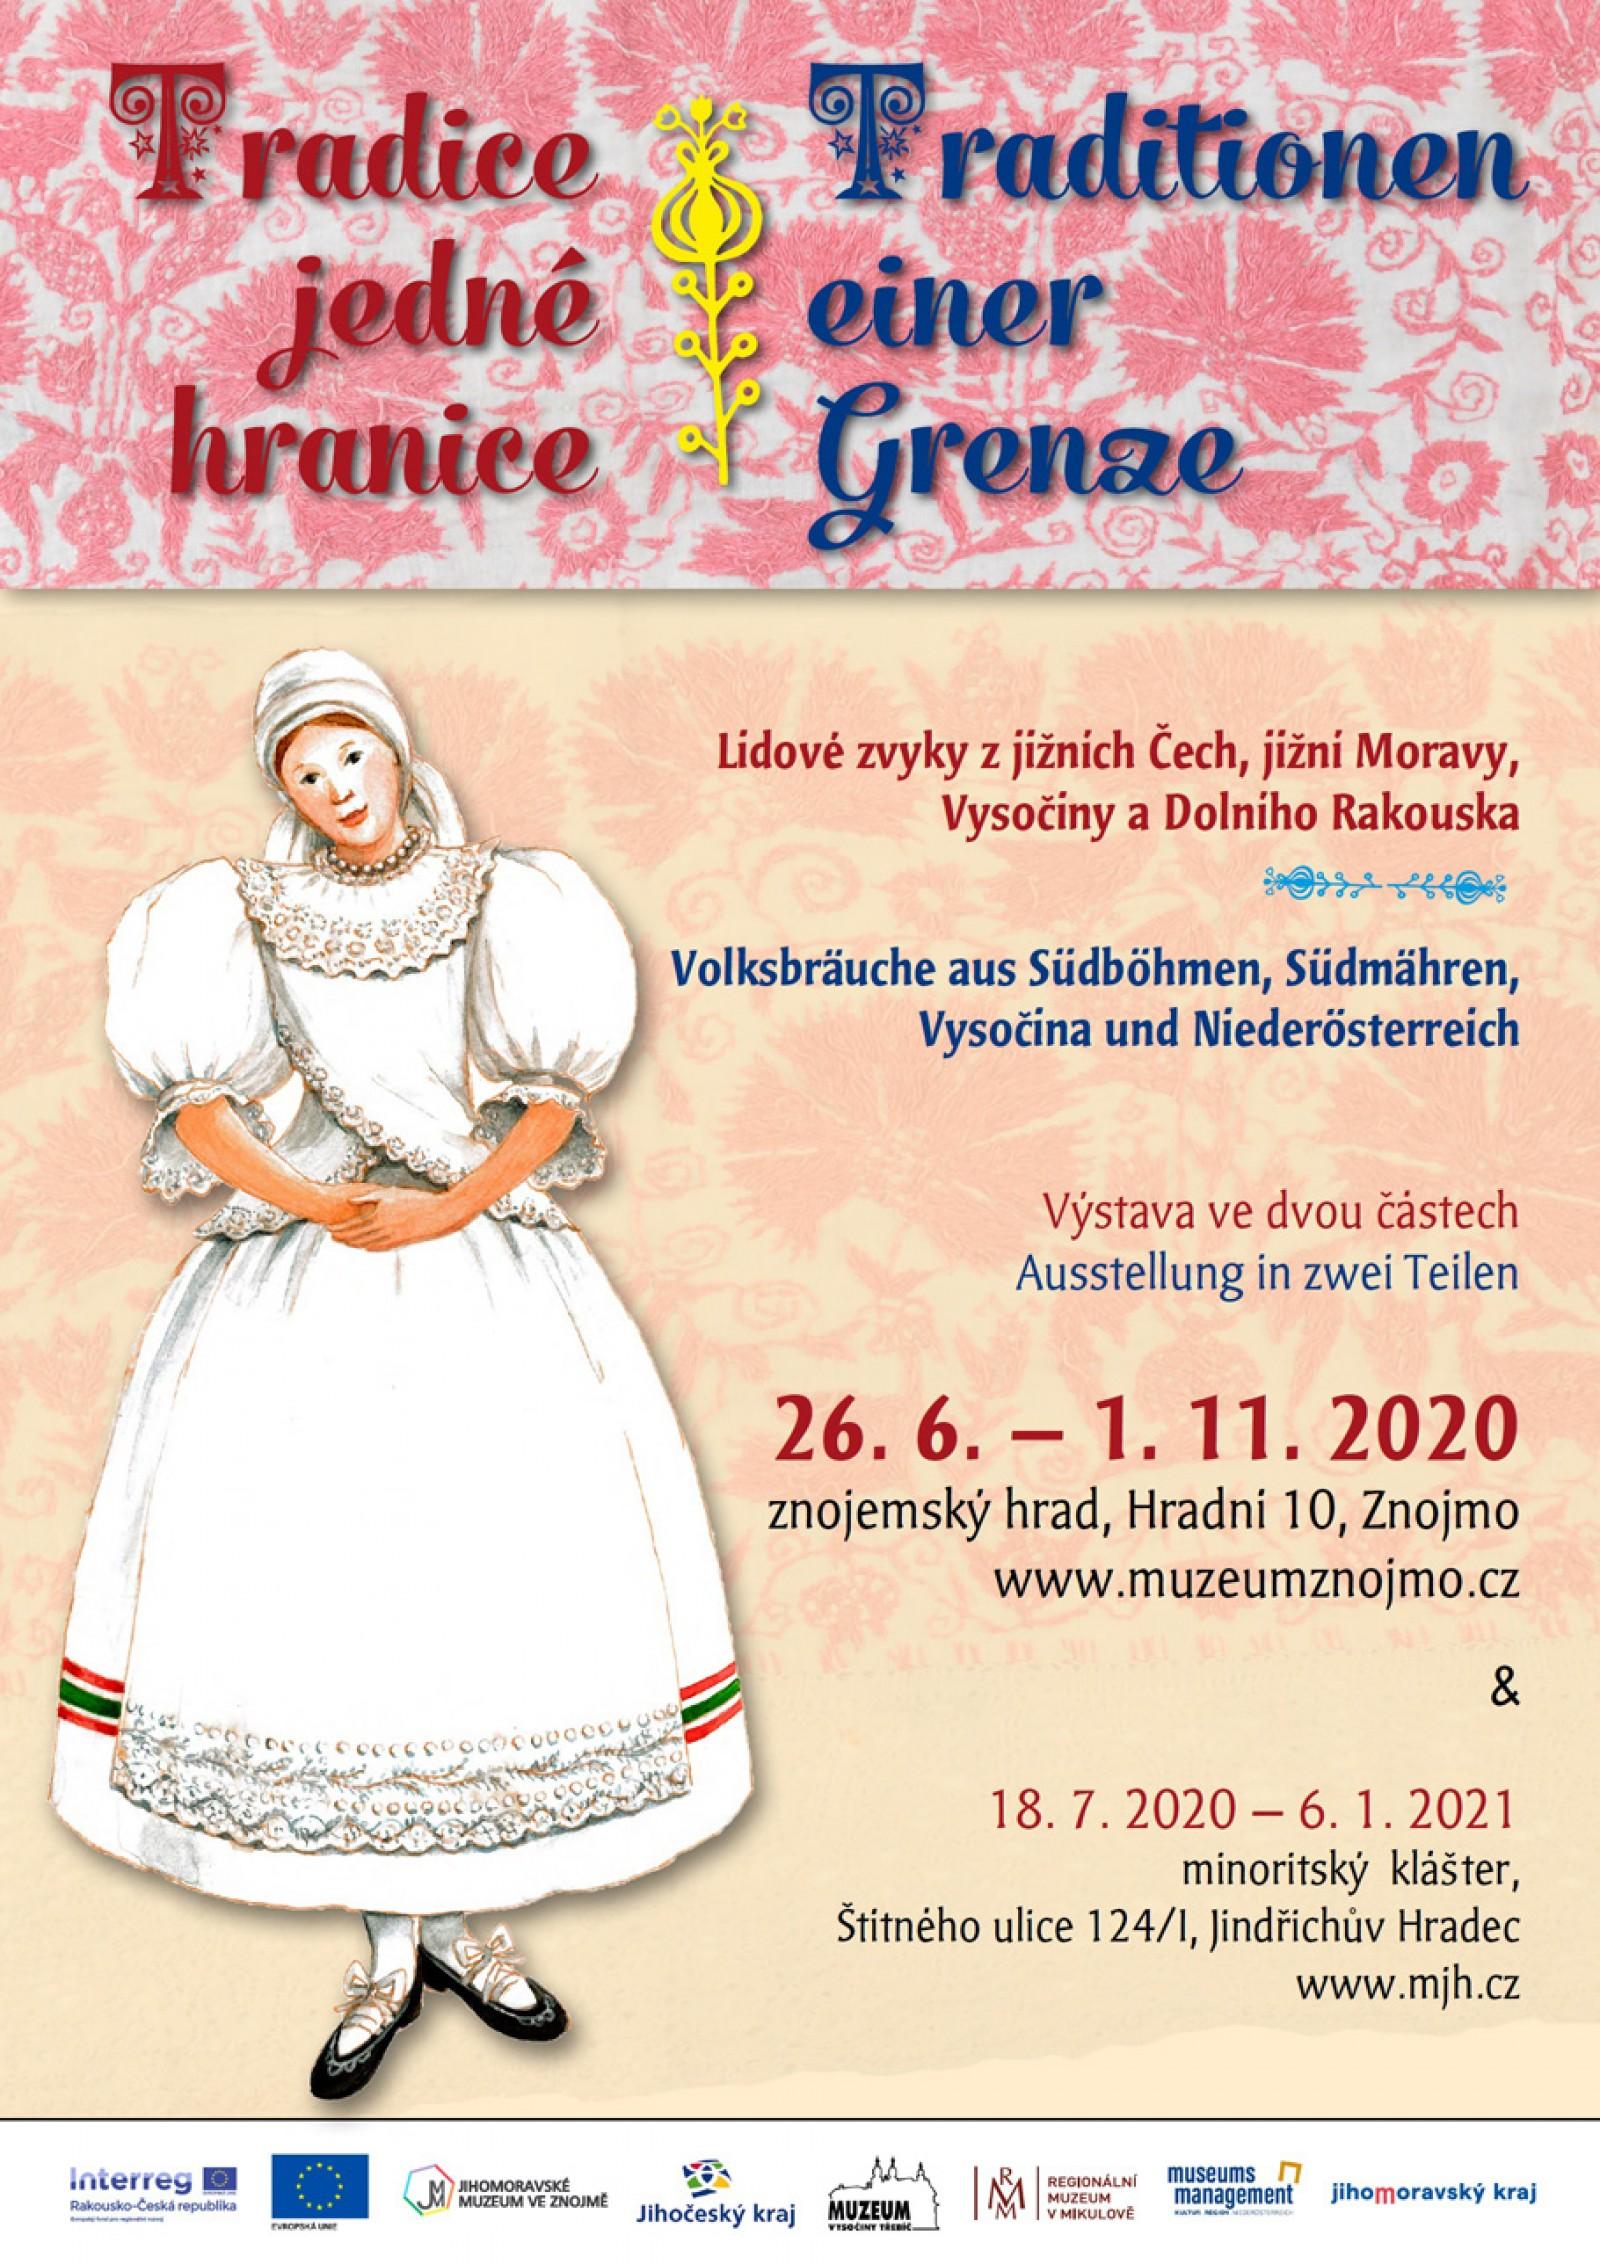 Tradice jedné hranice ve Znojmě (26. 6. - 1. 11. 2020)